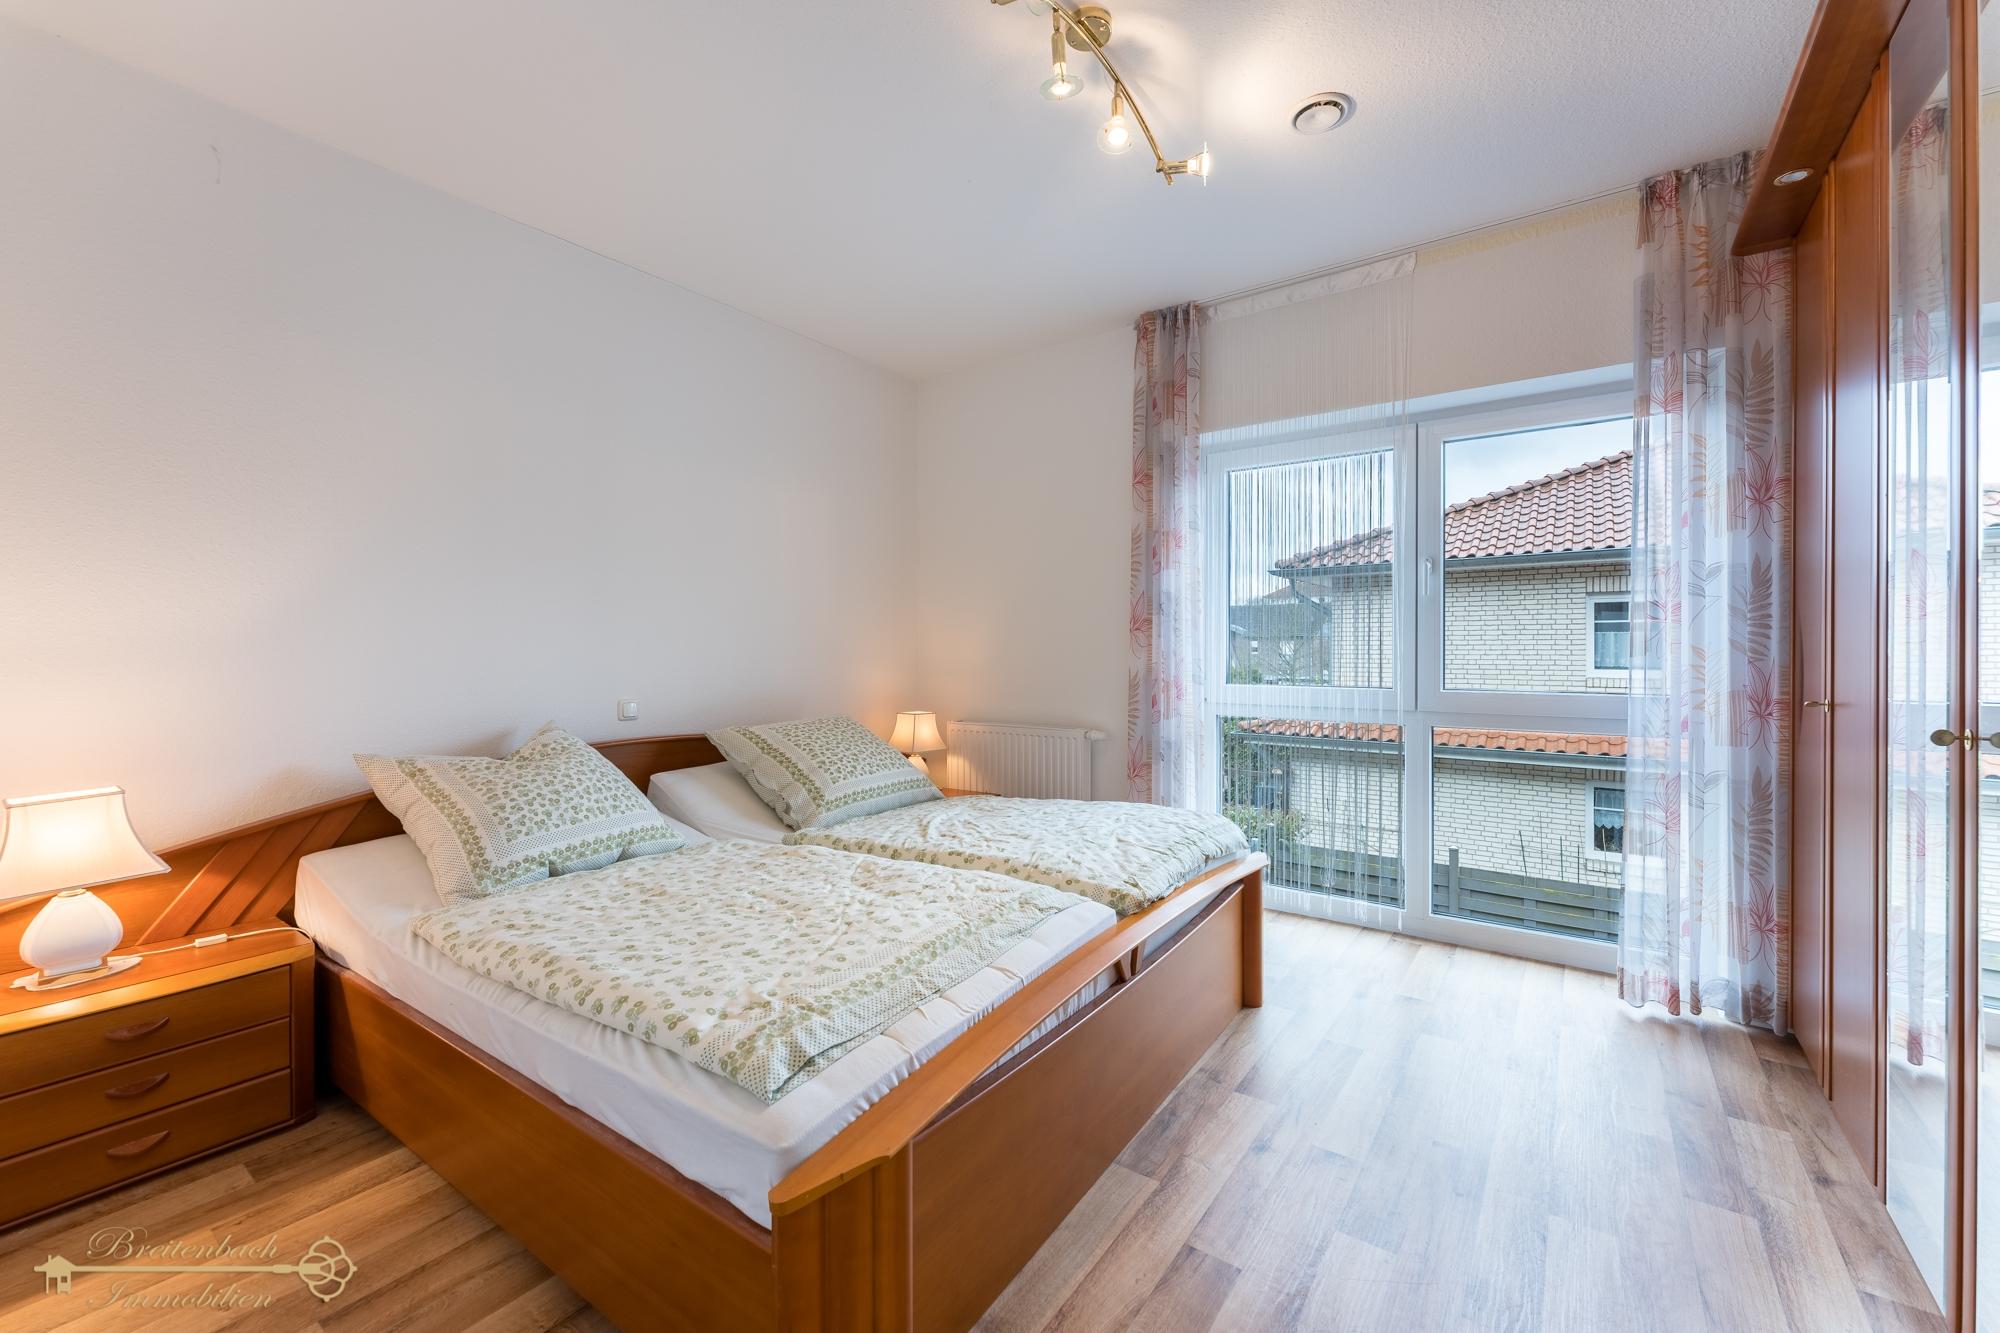 2021-03-06-Breitenbach-Immobilien-Makler-Bremen-14